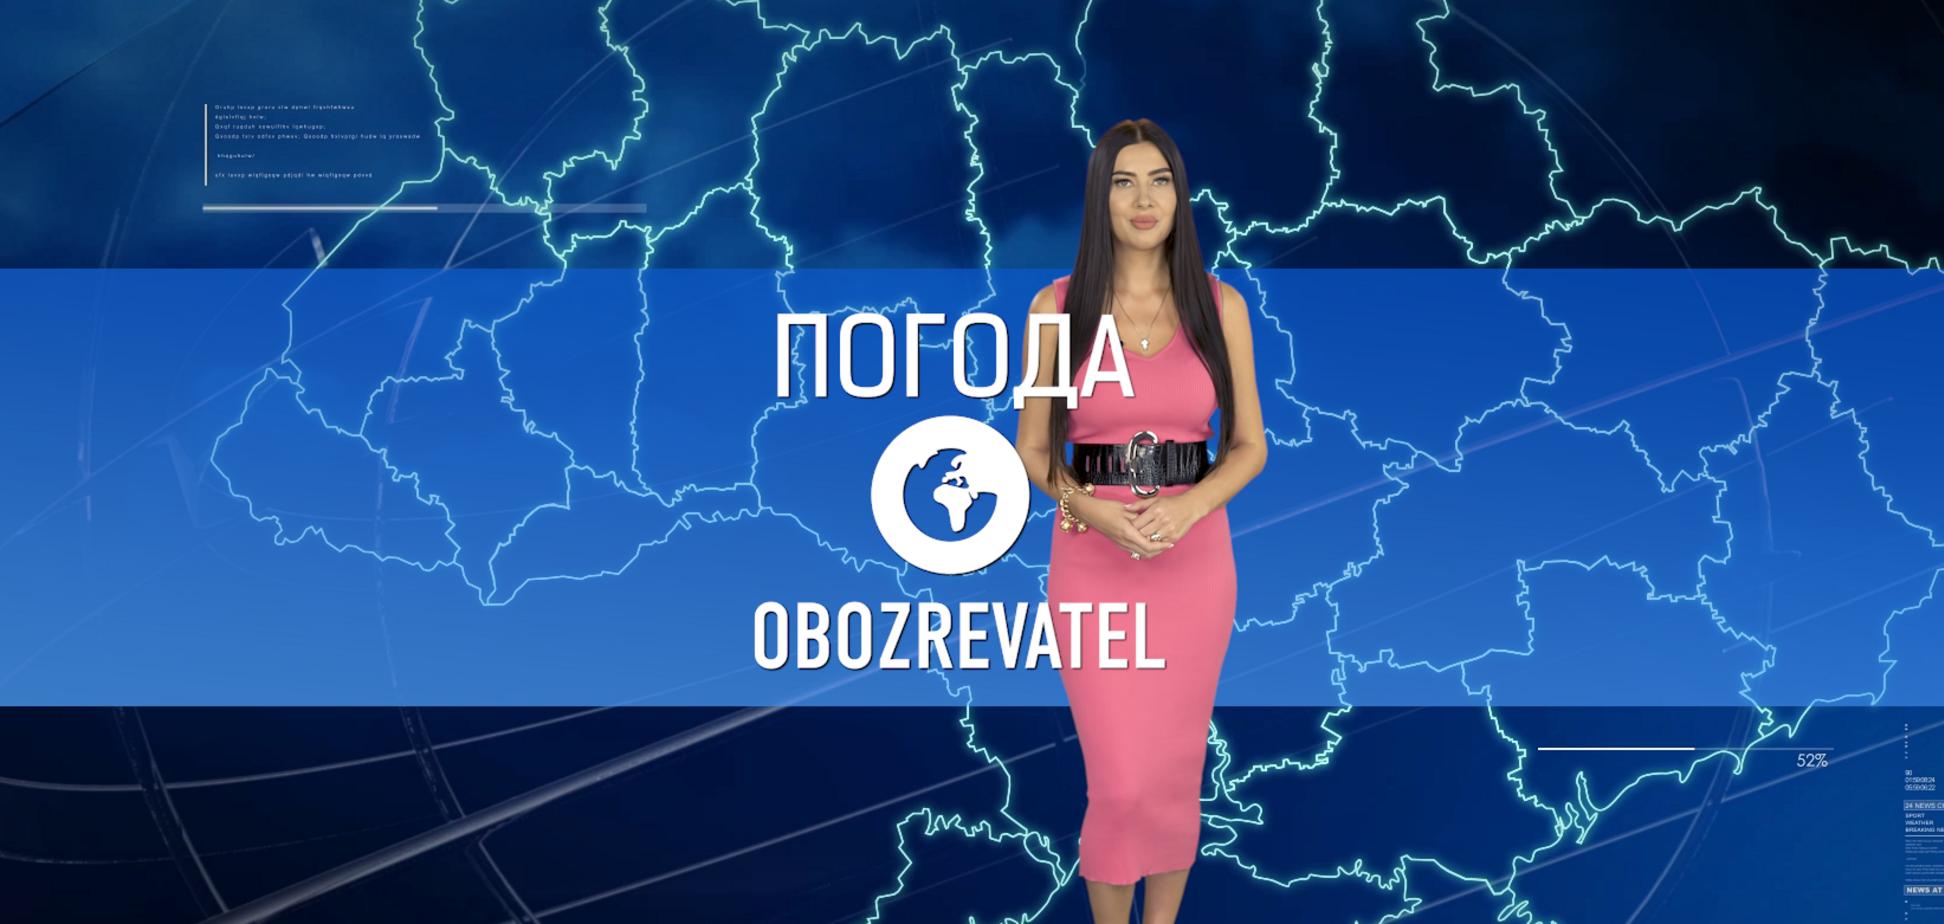 Прогноз погоды в Украине на воскресенье, 3 октября, с Алисой Мярковской